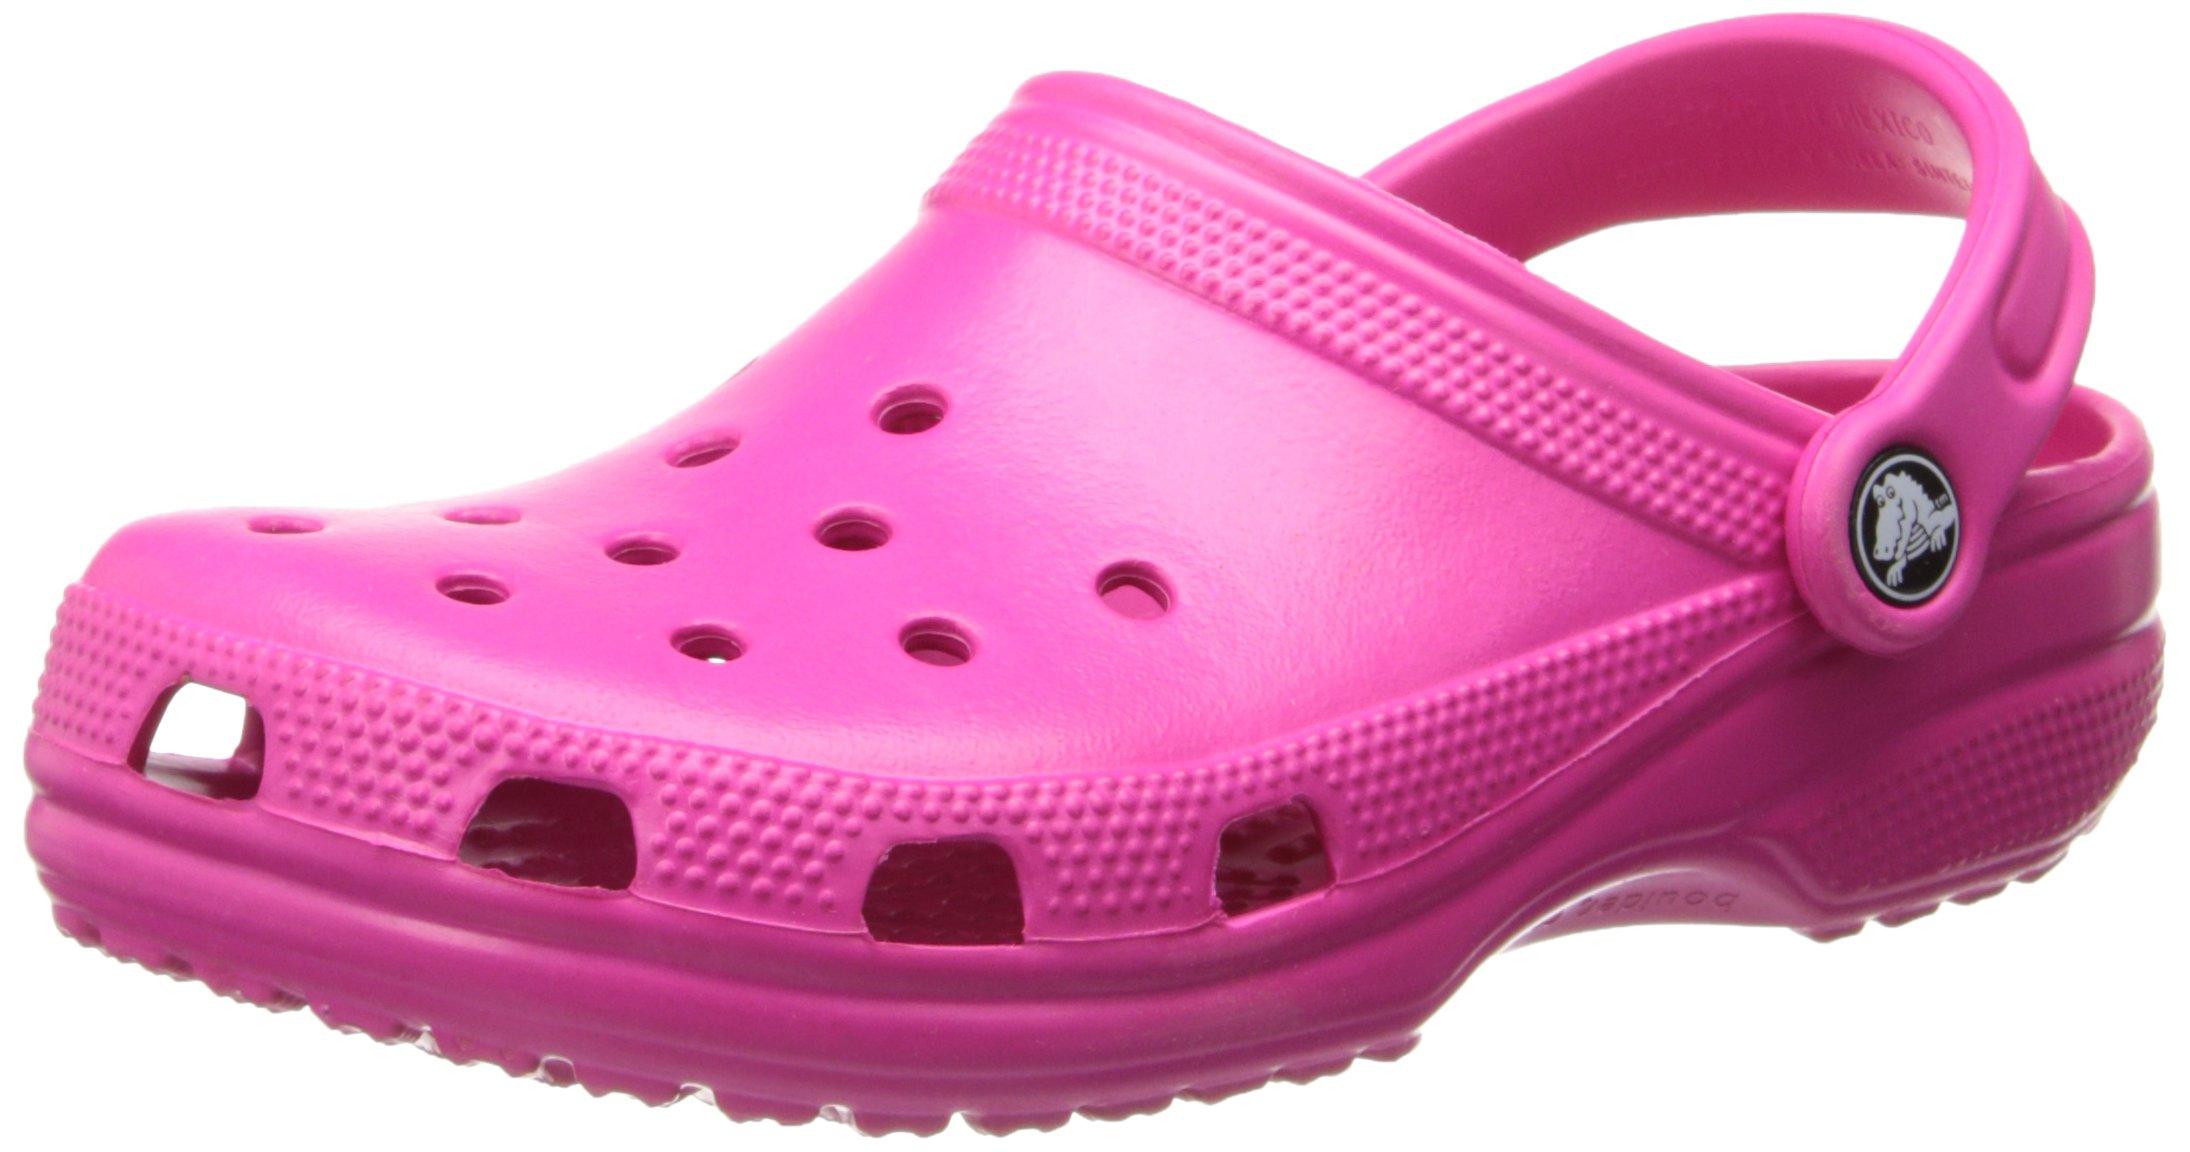 crocs Unisex Classic Clog,Candy Pink,5 M US Men's / 7 M US Women's